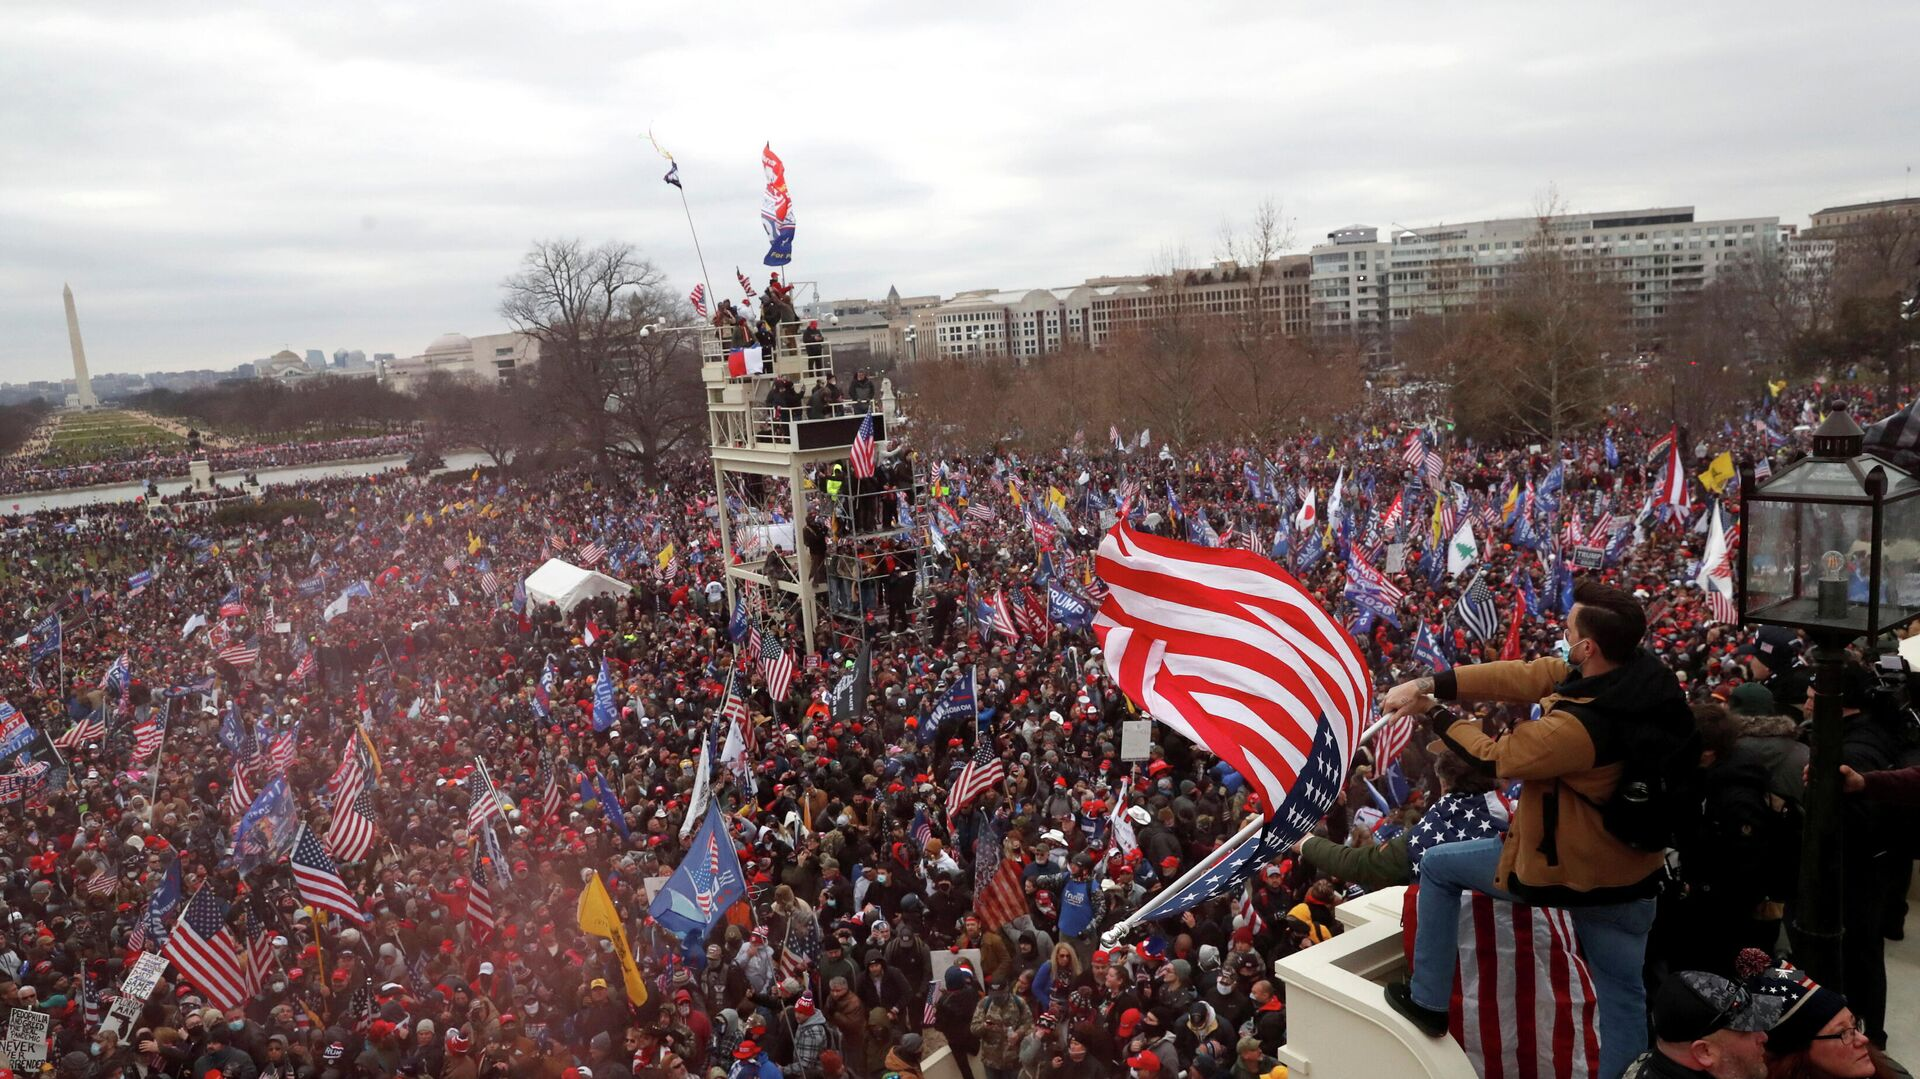 Участники акции сторонников действующего президента США Дональда Трампа у здания конгресса в Вашингтоне - РИА Новости, 1920, 10.01.2021